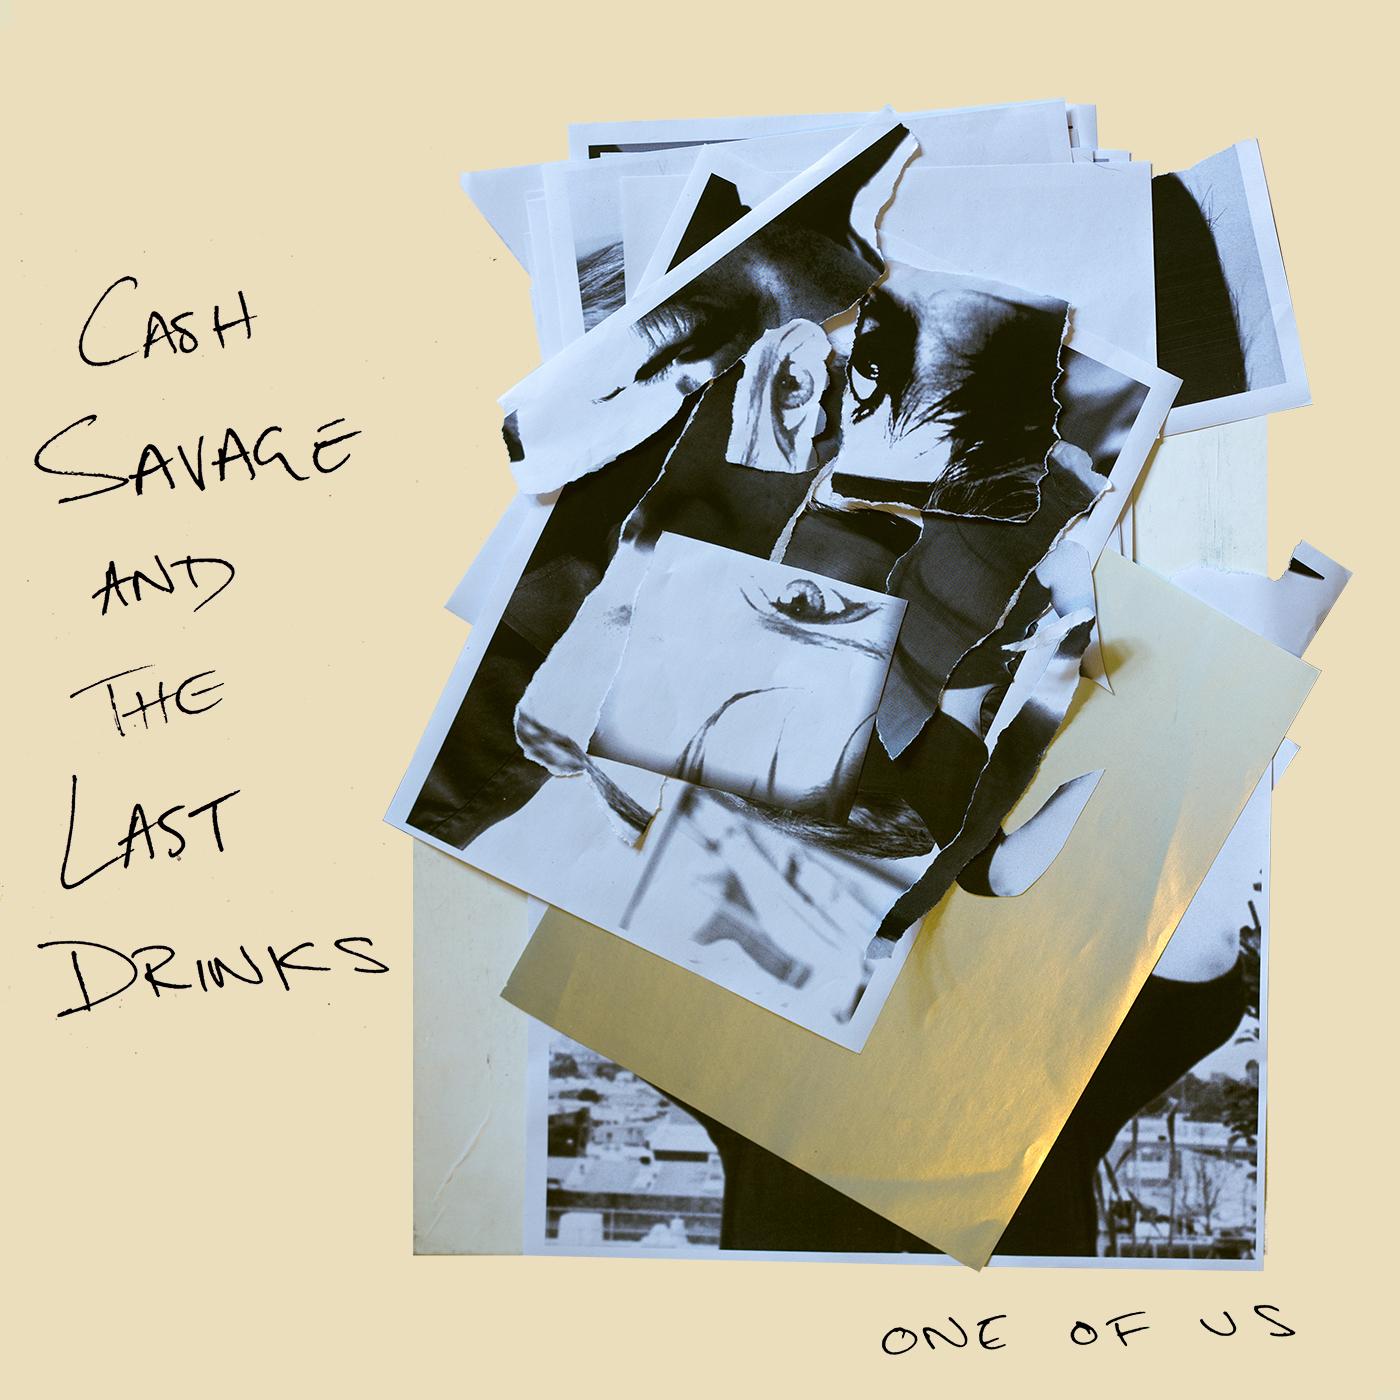 One of Us – CD & Vinyl pre-sale